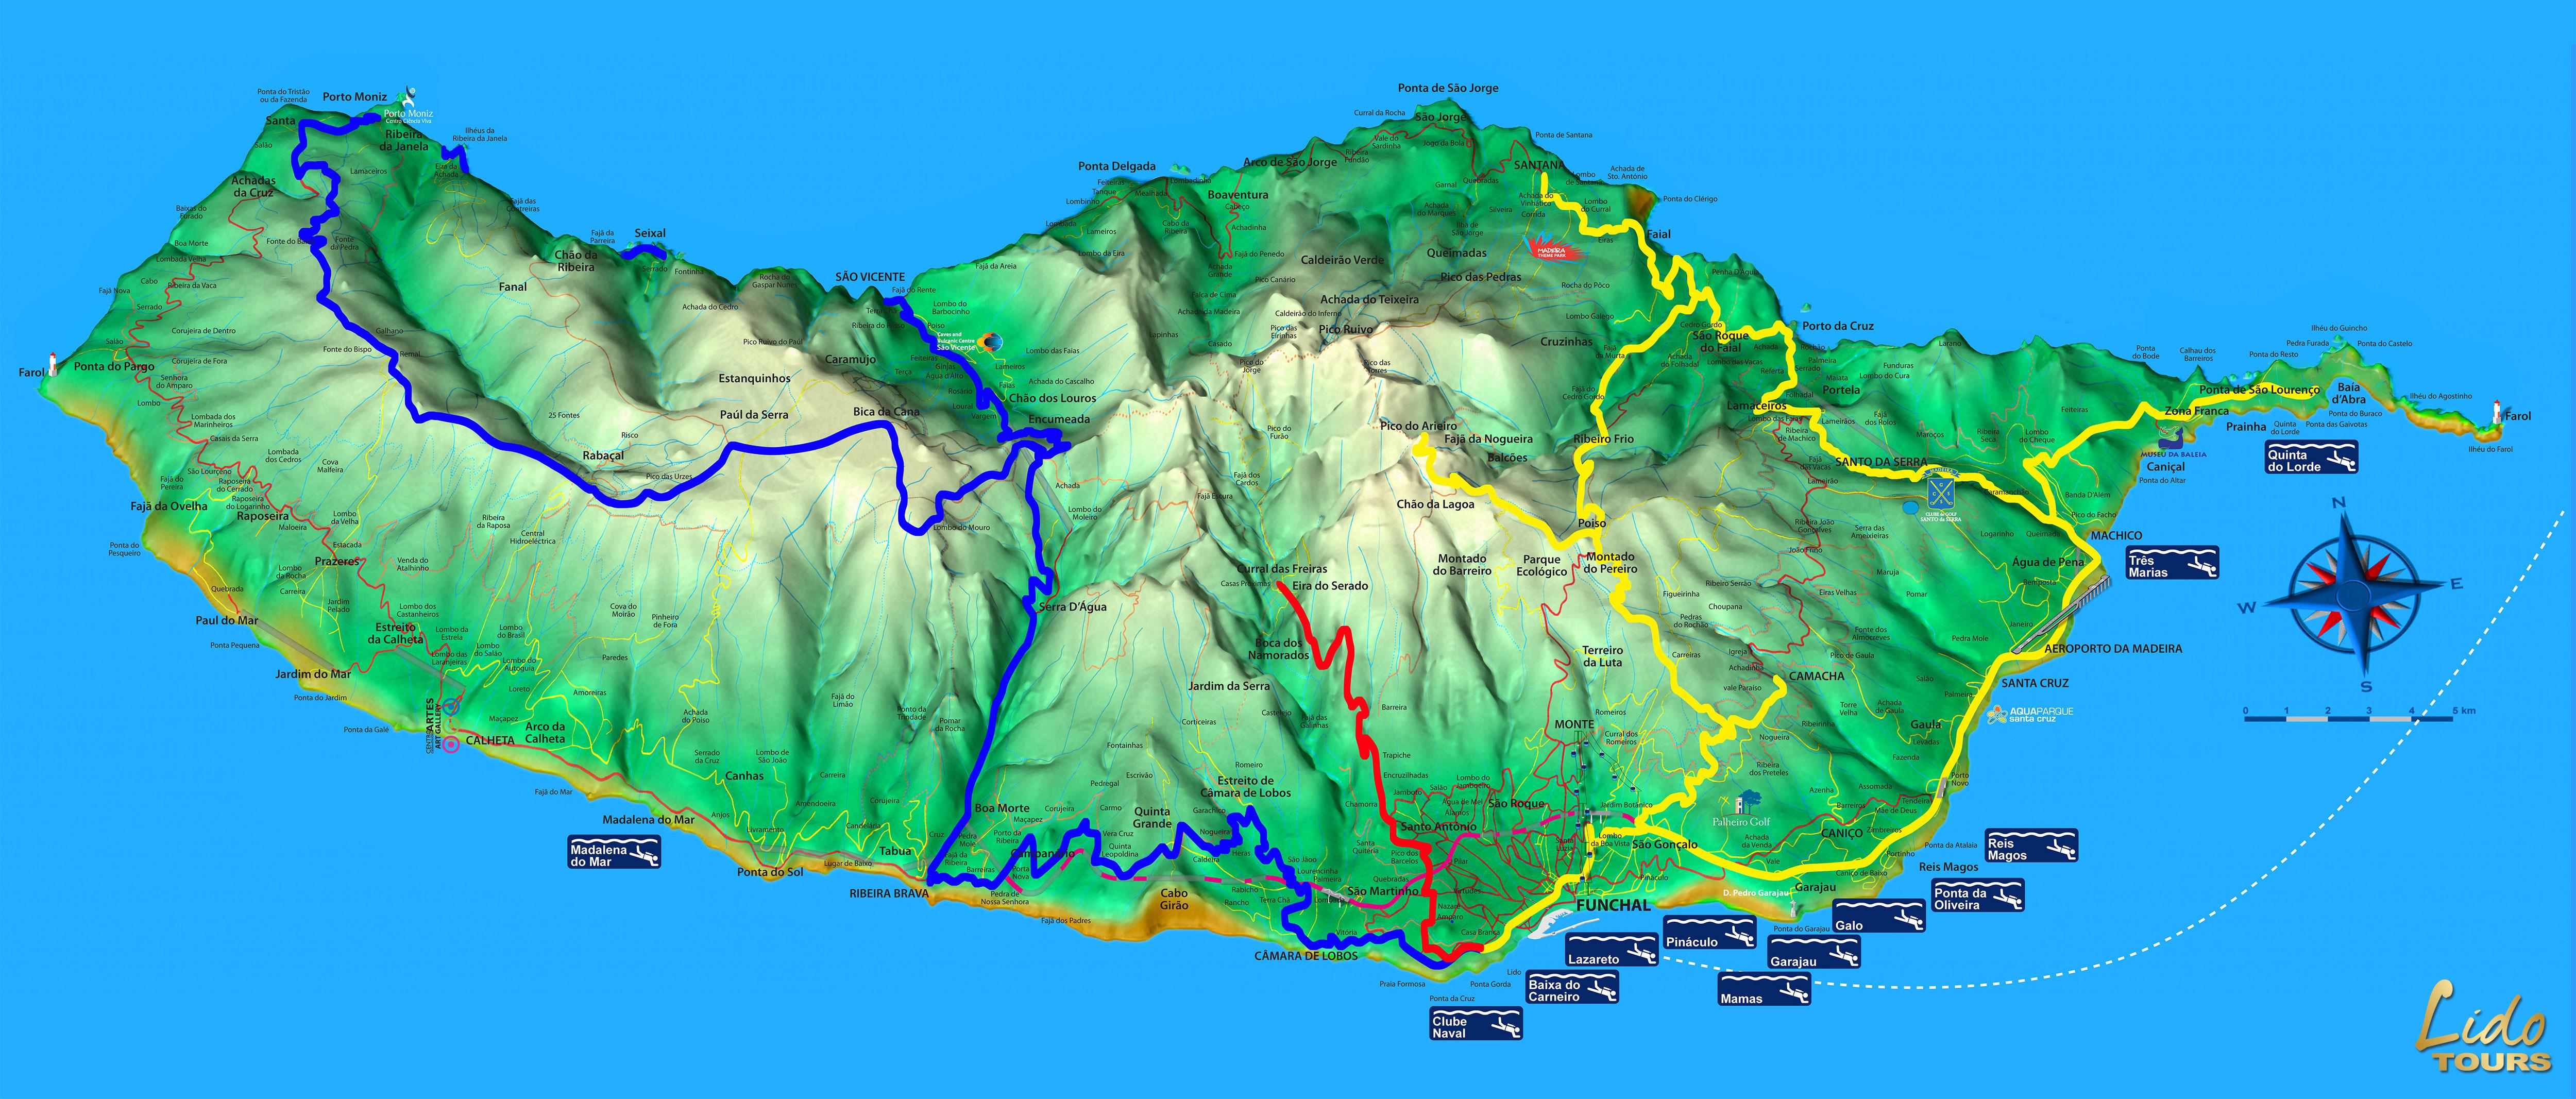 mapa de estradas da ilha da madeira Mapa De Estradas Da Madeira | thujamassages mapa de estradas da ilha da madeira